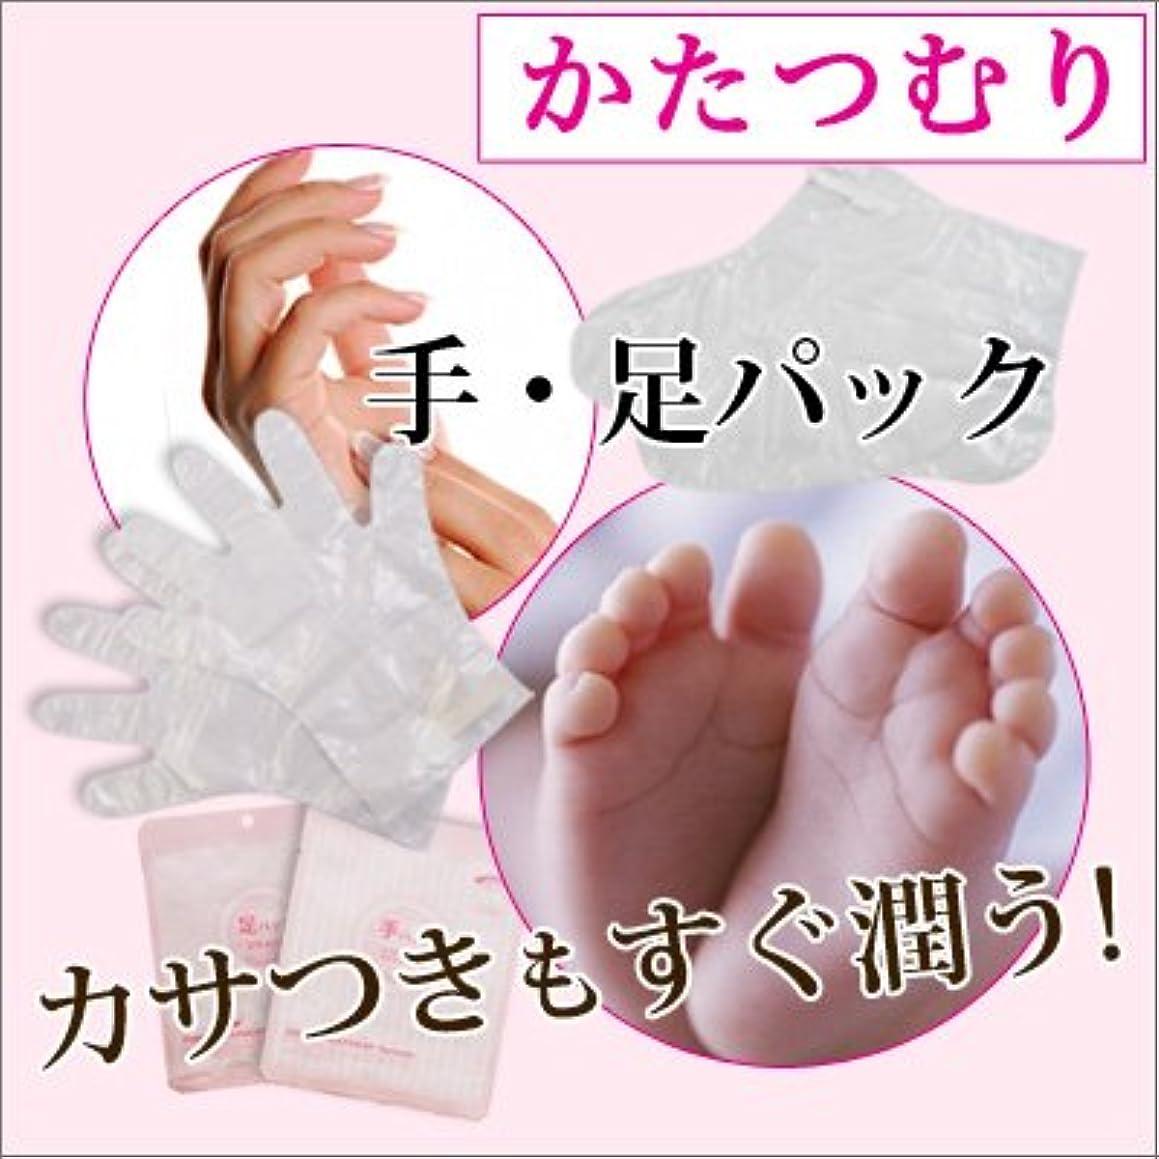 欠員肘臨検【かたつむり モイスト フット&ハンド パック 2種類×5枚】